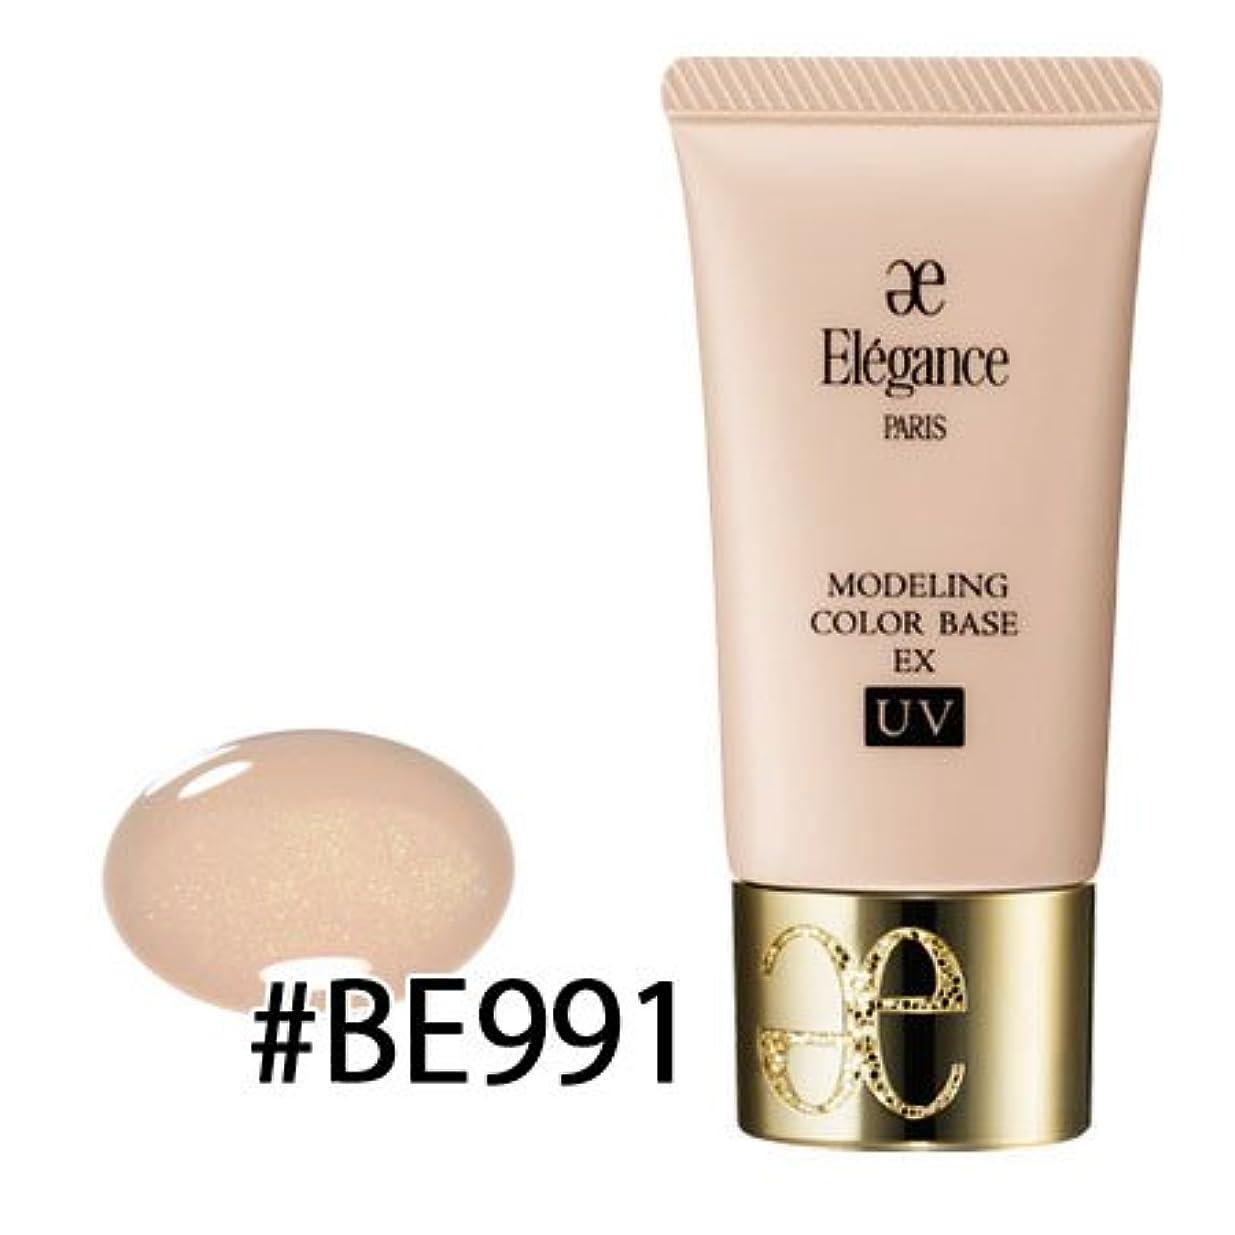 犯罪ワーム赤字エレガンス モデリング カラーベース EX UV #BE991